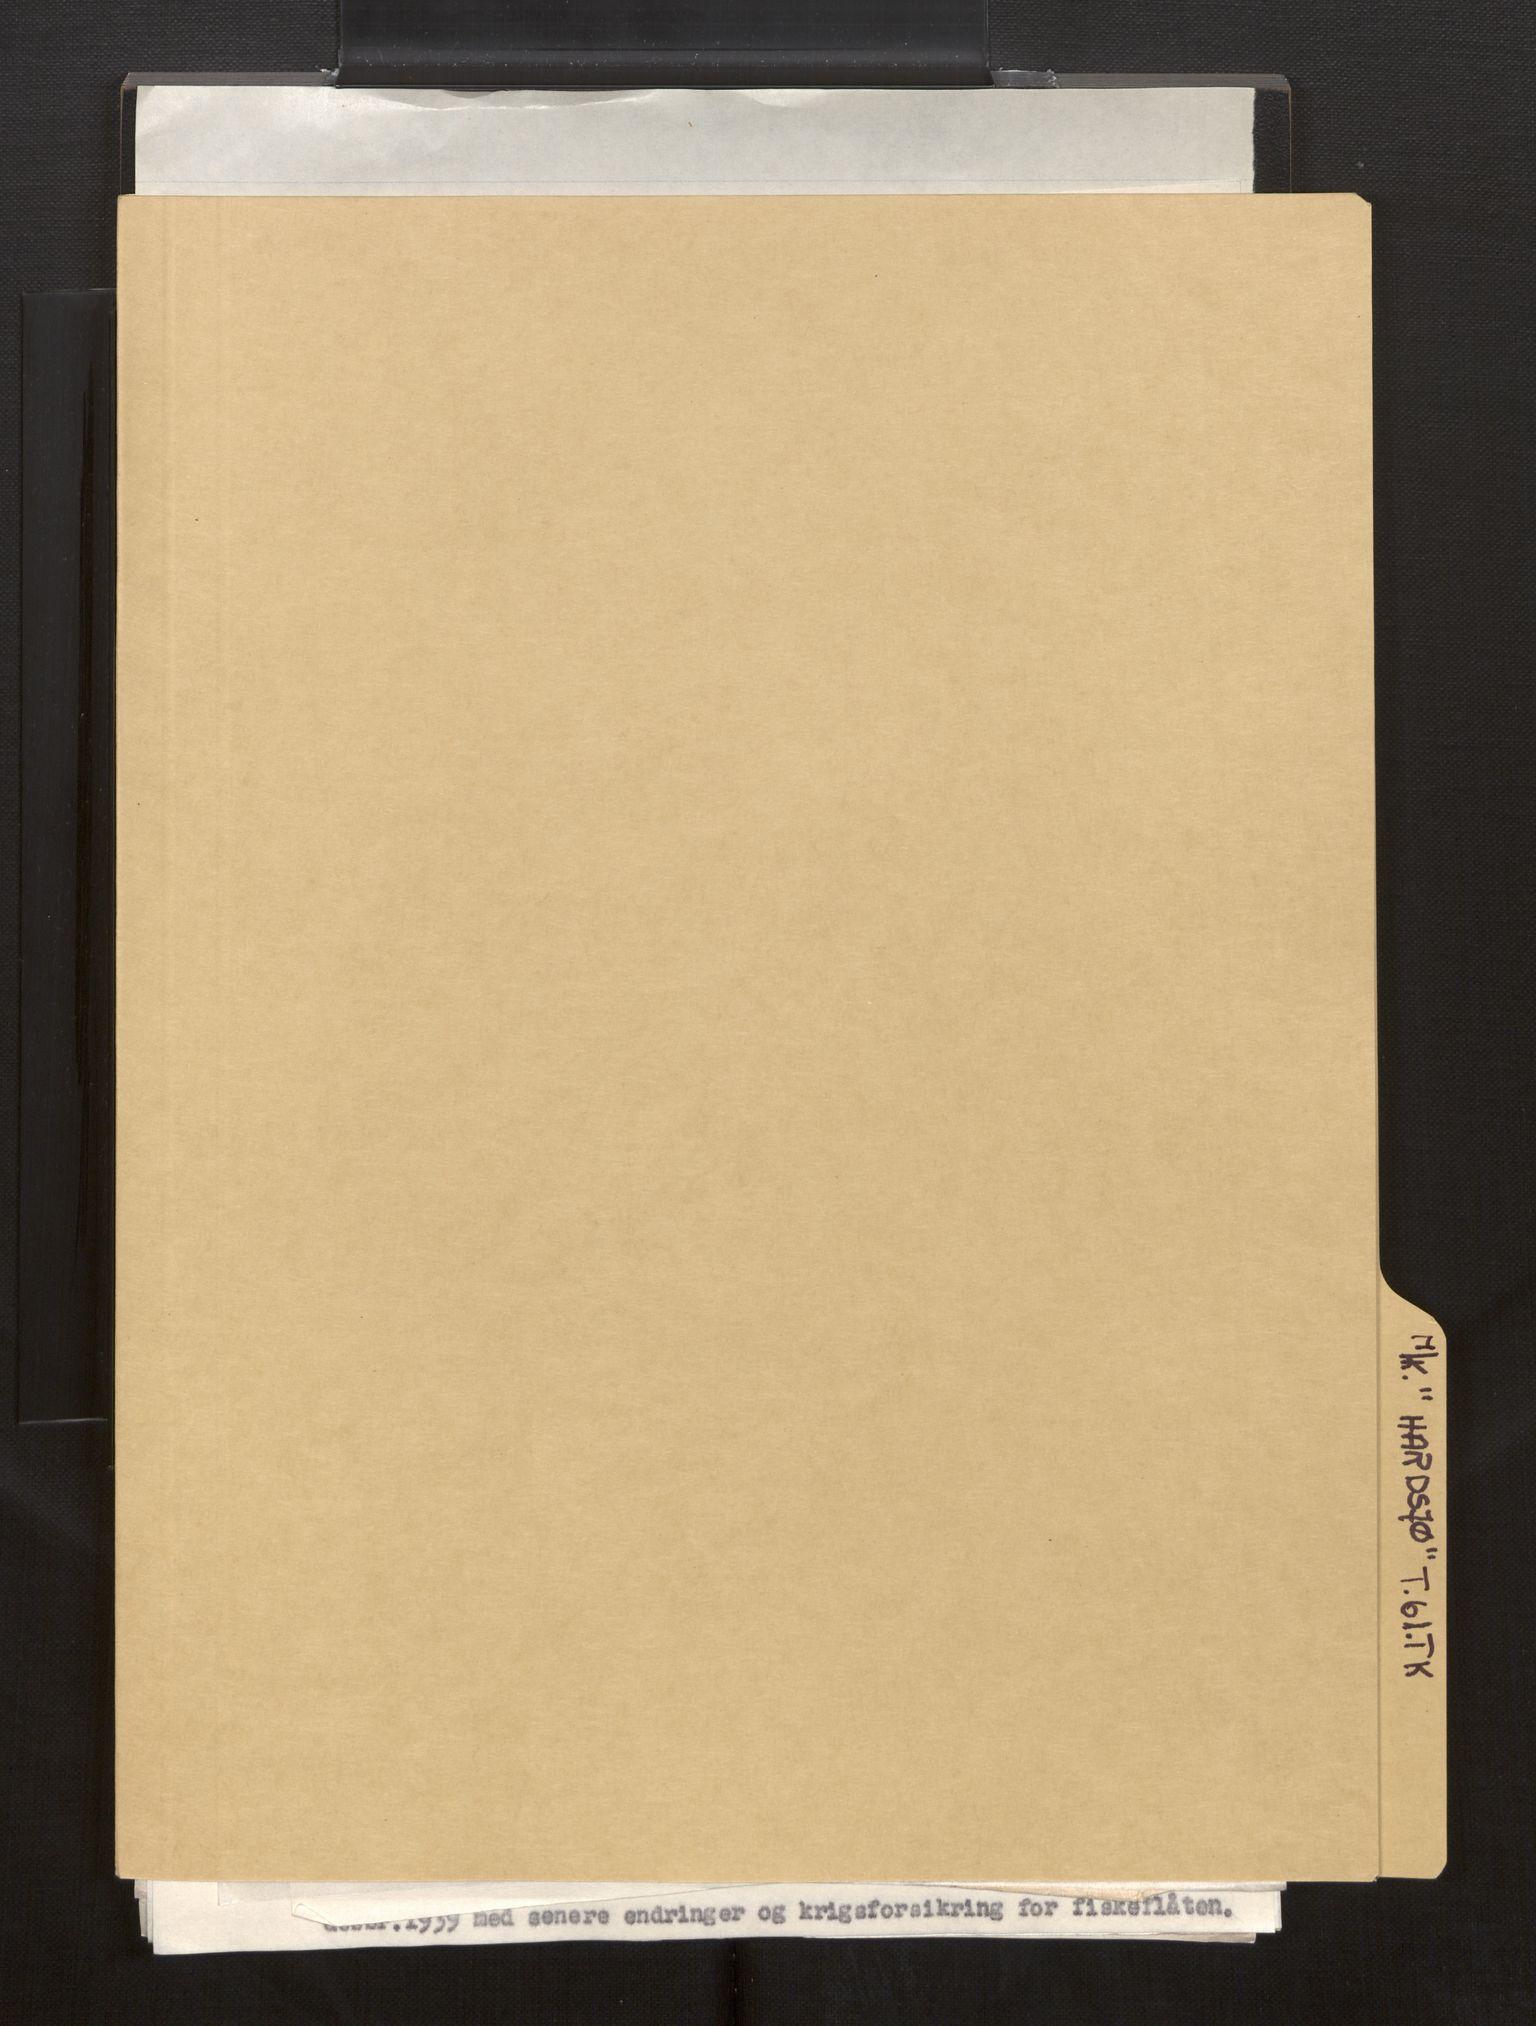 SAB, Fiskeridirektoratet - 1 Adm. ledelse - 13 Båtkontoret, La/L0042: Statens krigsforsikring for fiskeflåten, 1936-1971, s. 825